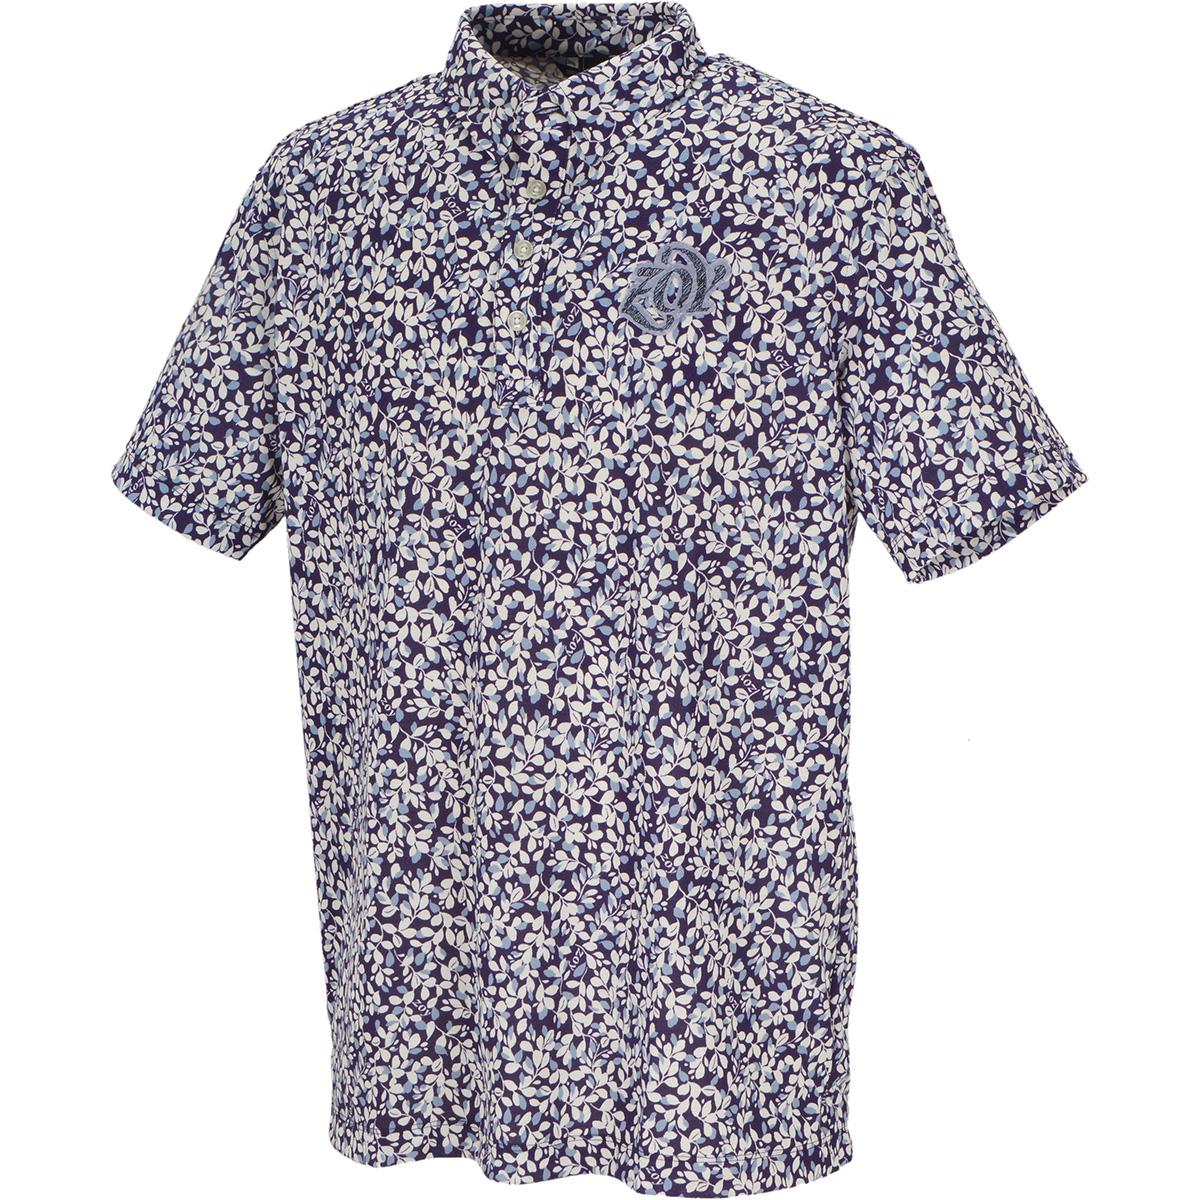 ストレッチ リーフプリント 半袖ポロシャツ